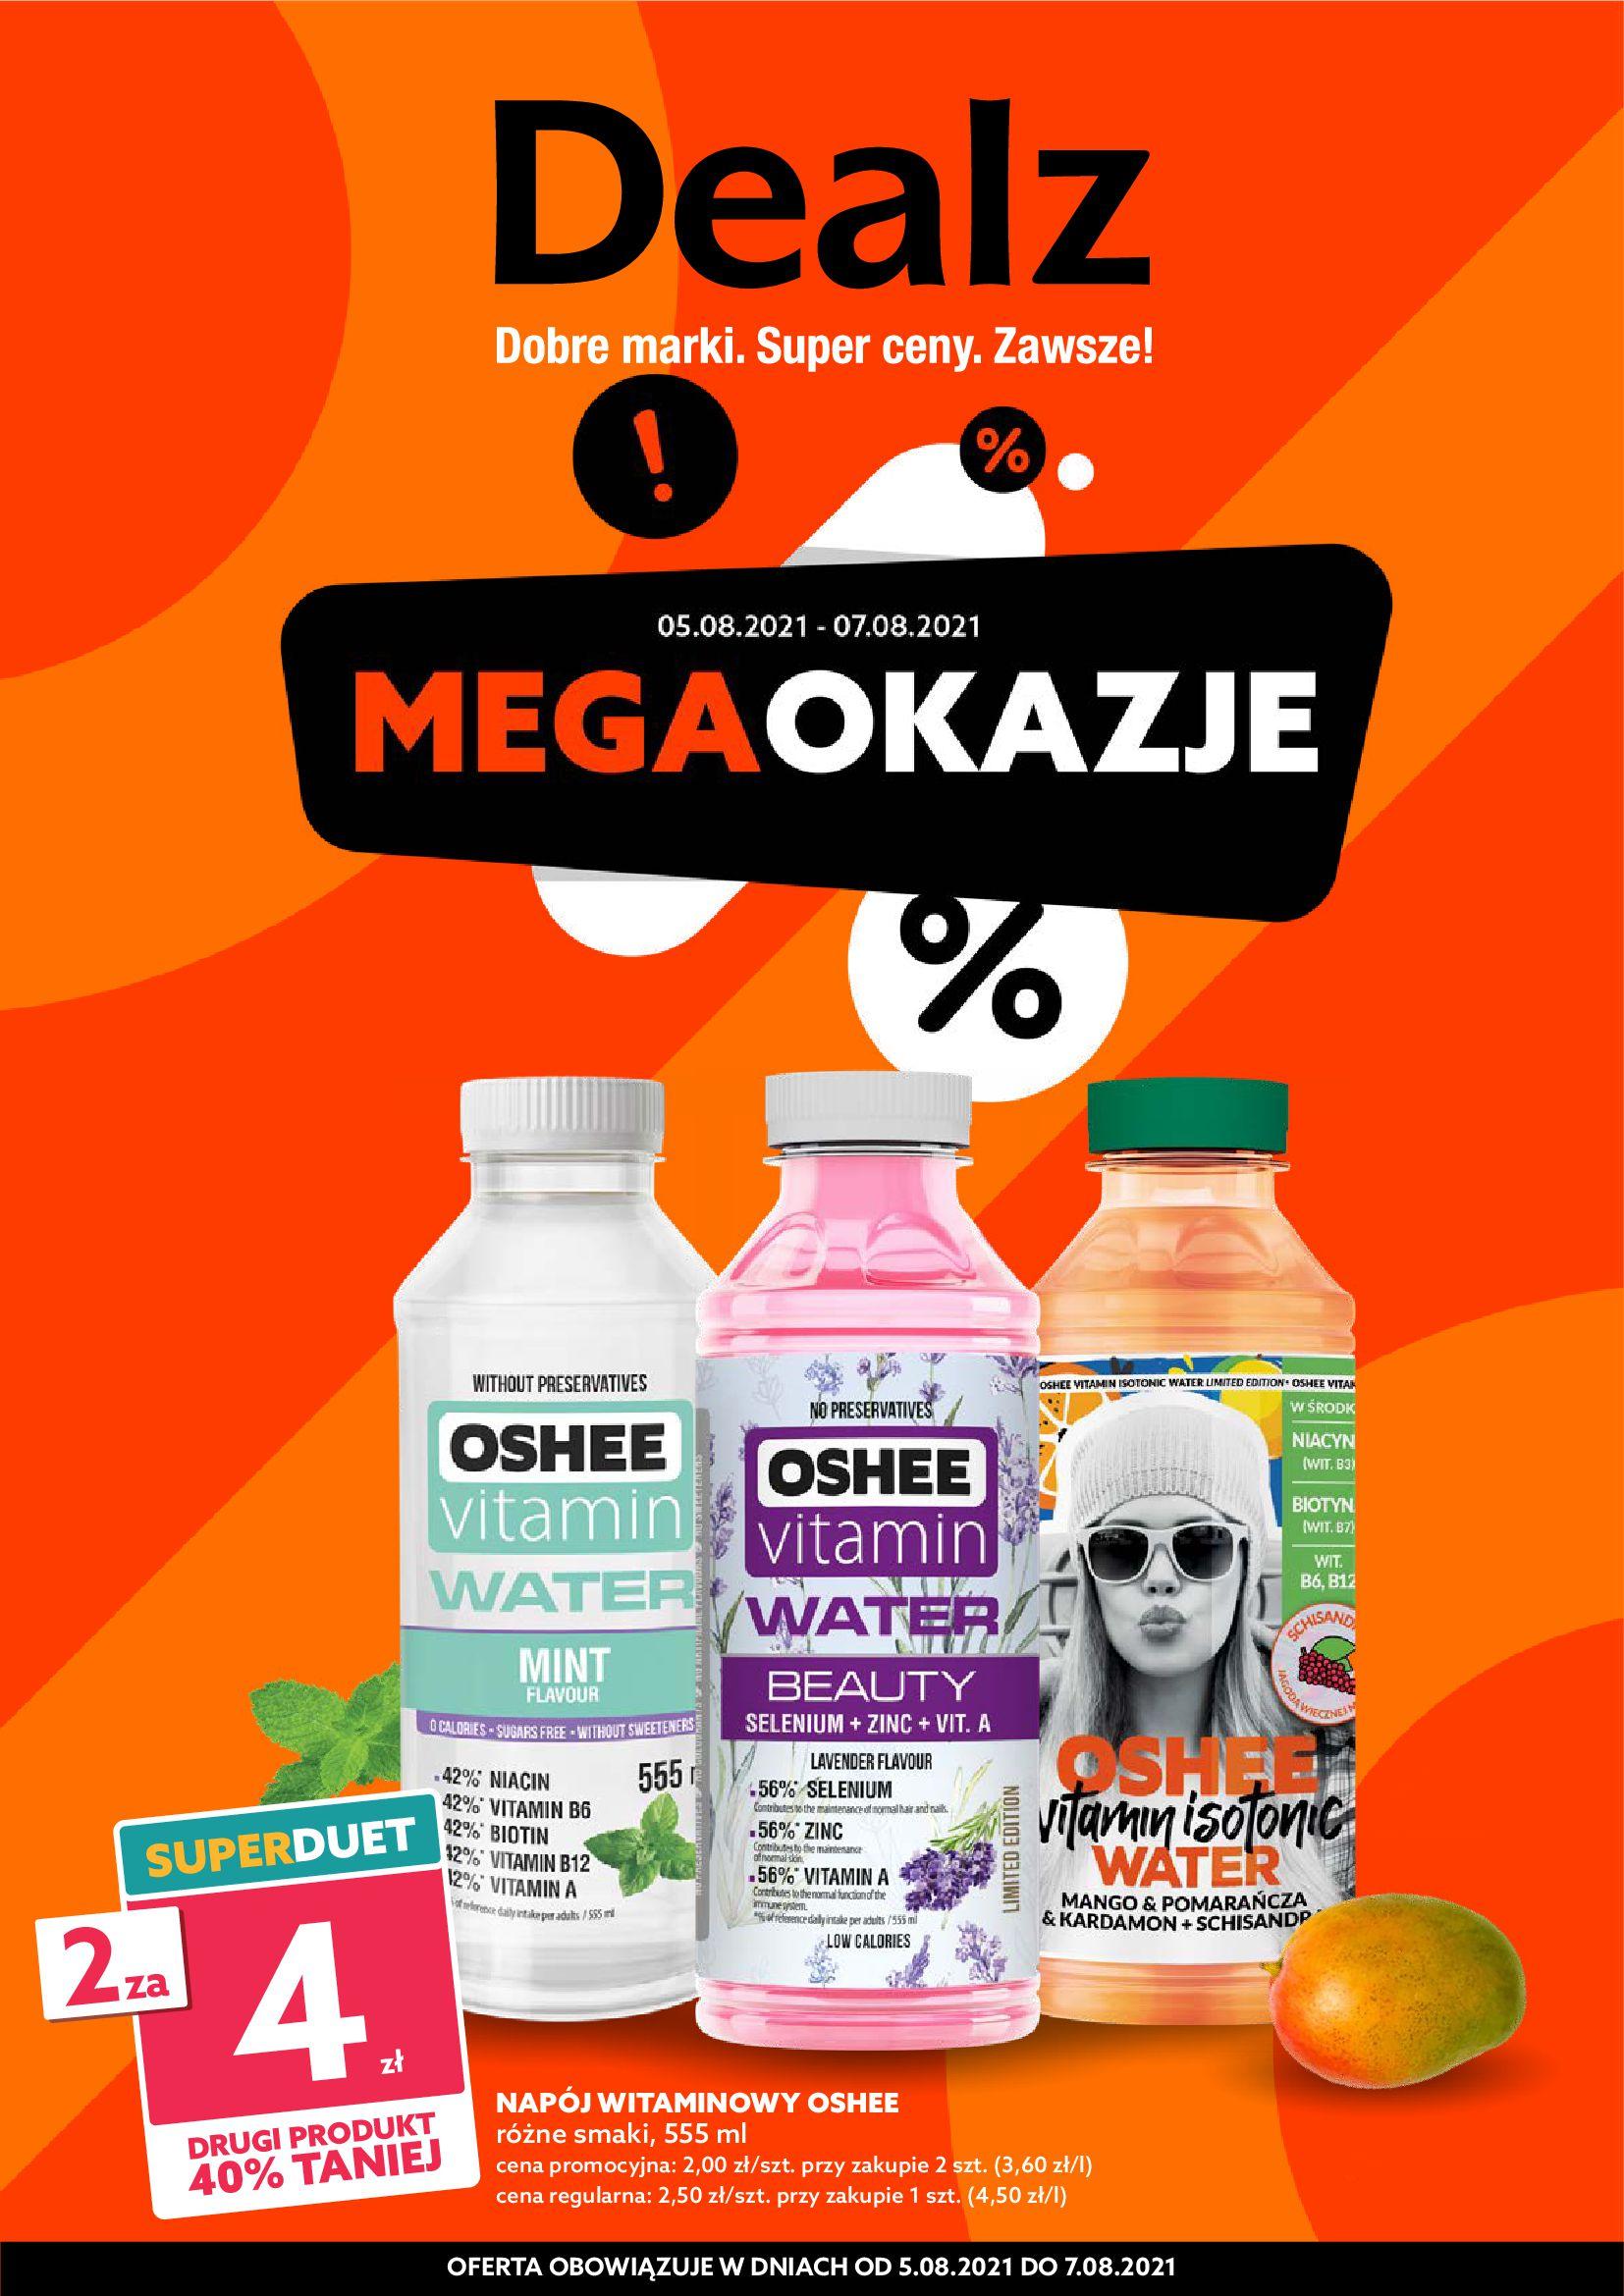 Dealz :  Gazetka Dealz - Mega Okazje od 05.08 04.08.2021